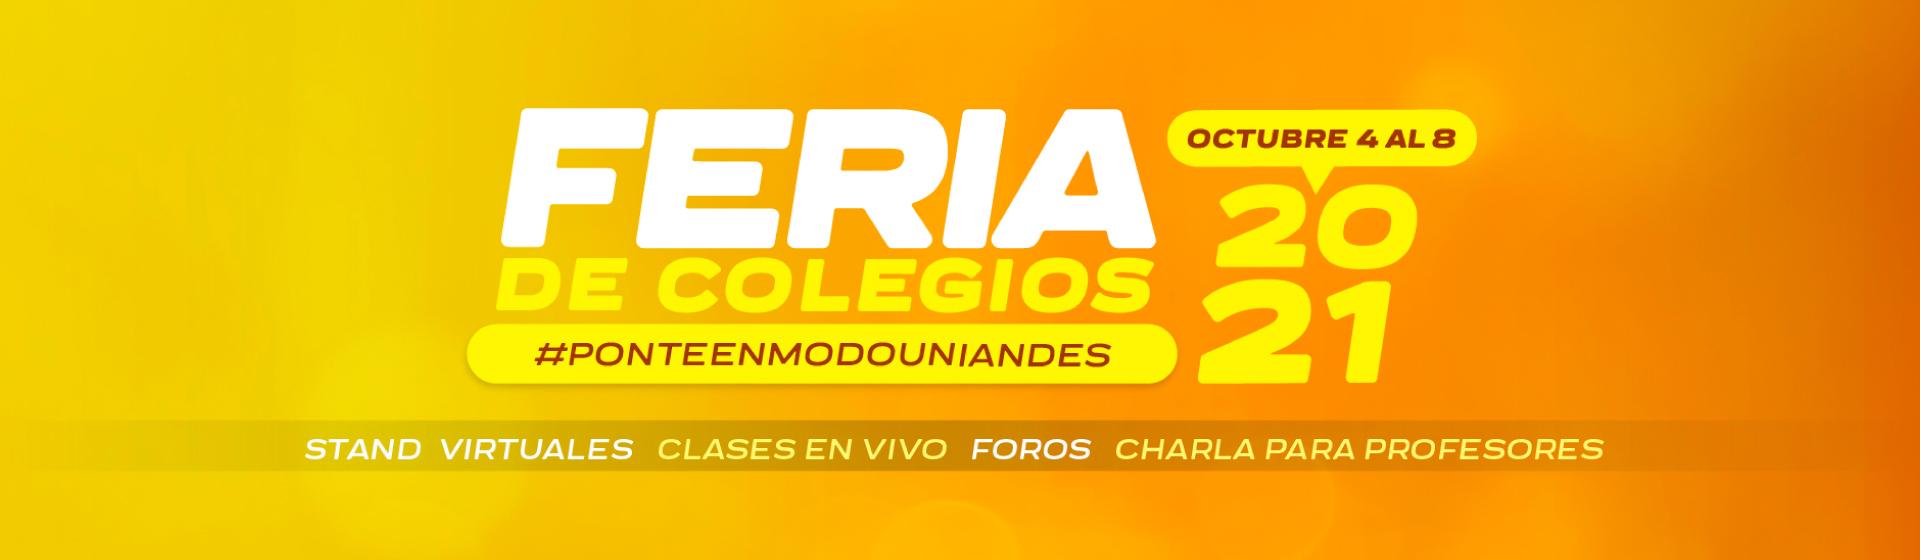 Feria de Colegios 2021-2